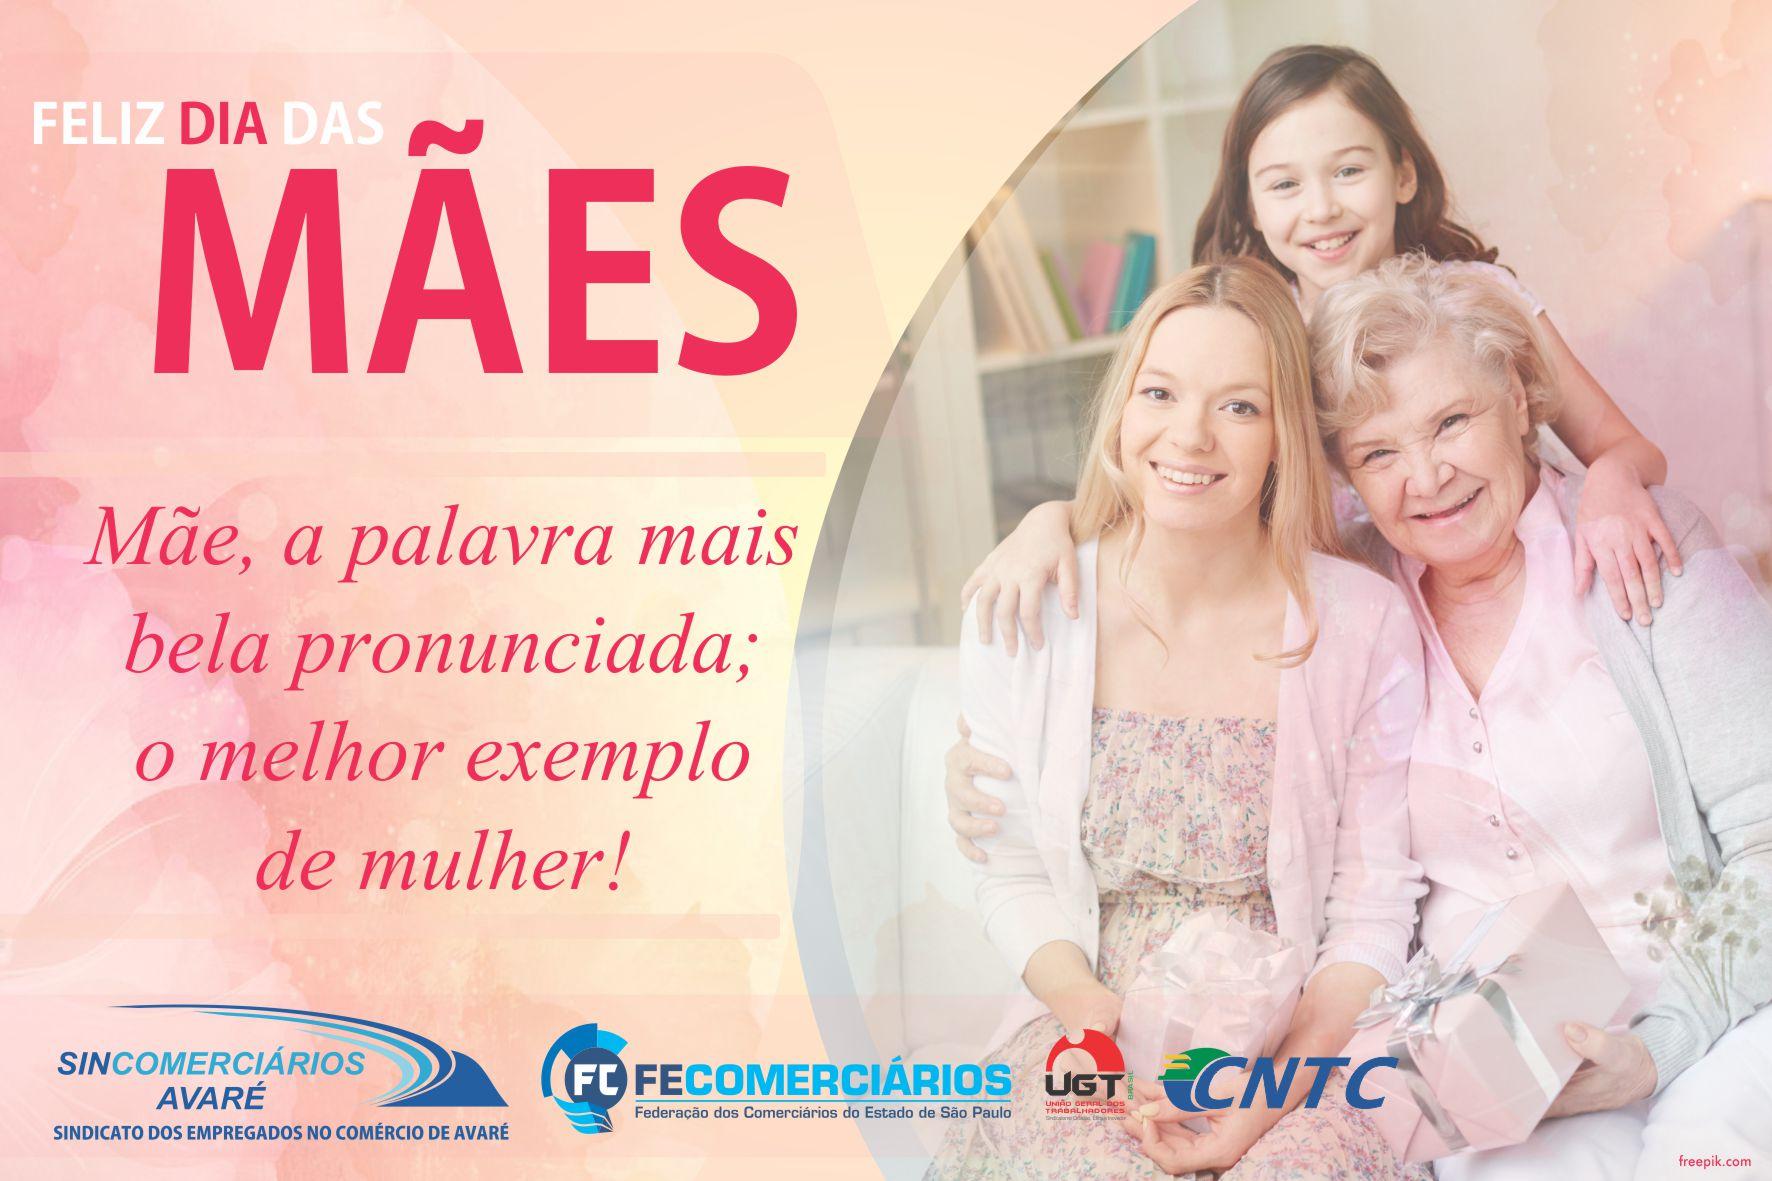 1804e23a1b O Dia das Mães comemorado no segundo domingo de maio, além de celebrar o  laço familiar, é uma das datas mais movimentadas no comércio.